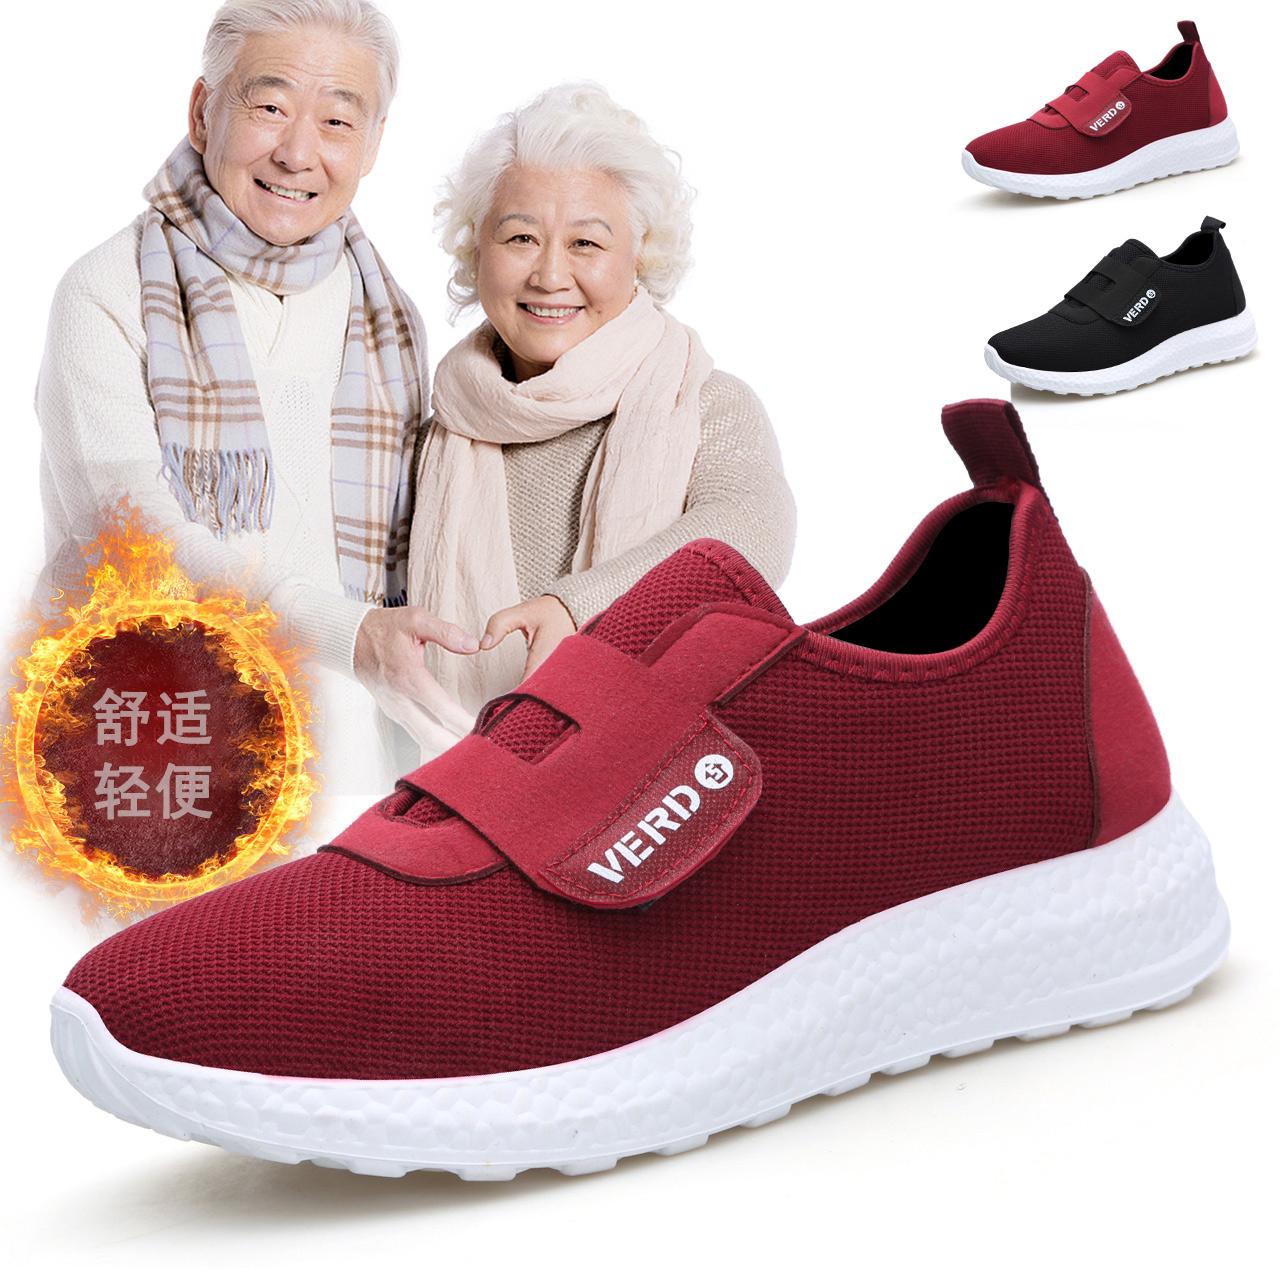 秋季新款健步鞋老北京布鞋女软底透气防滑平底休闲妈妈鞋中老年鞋